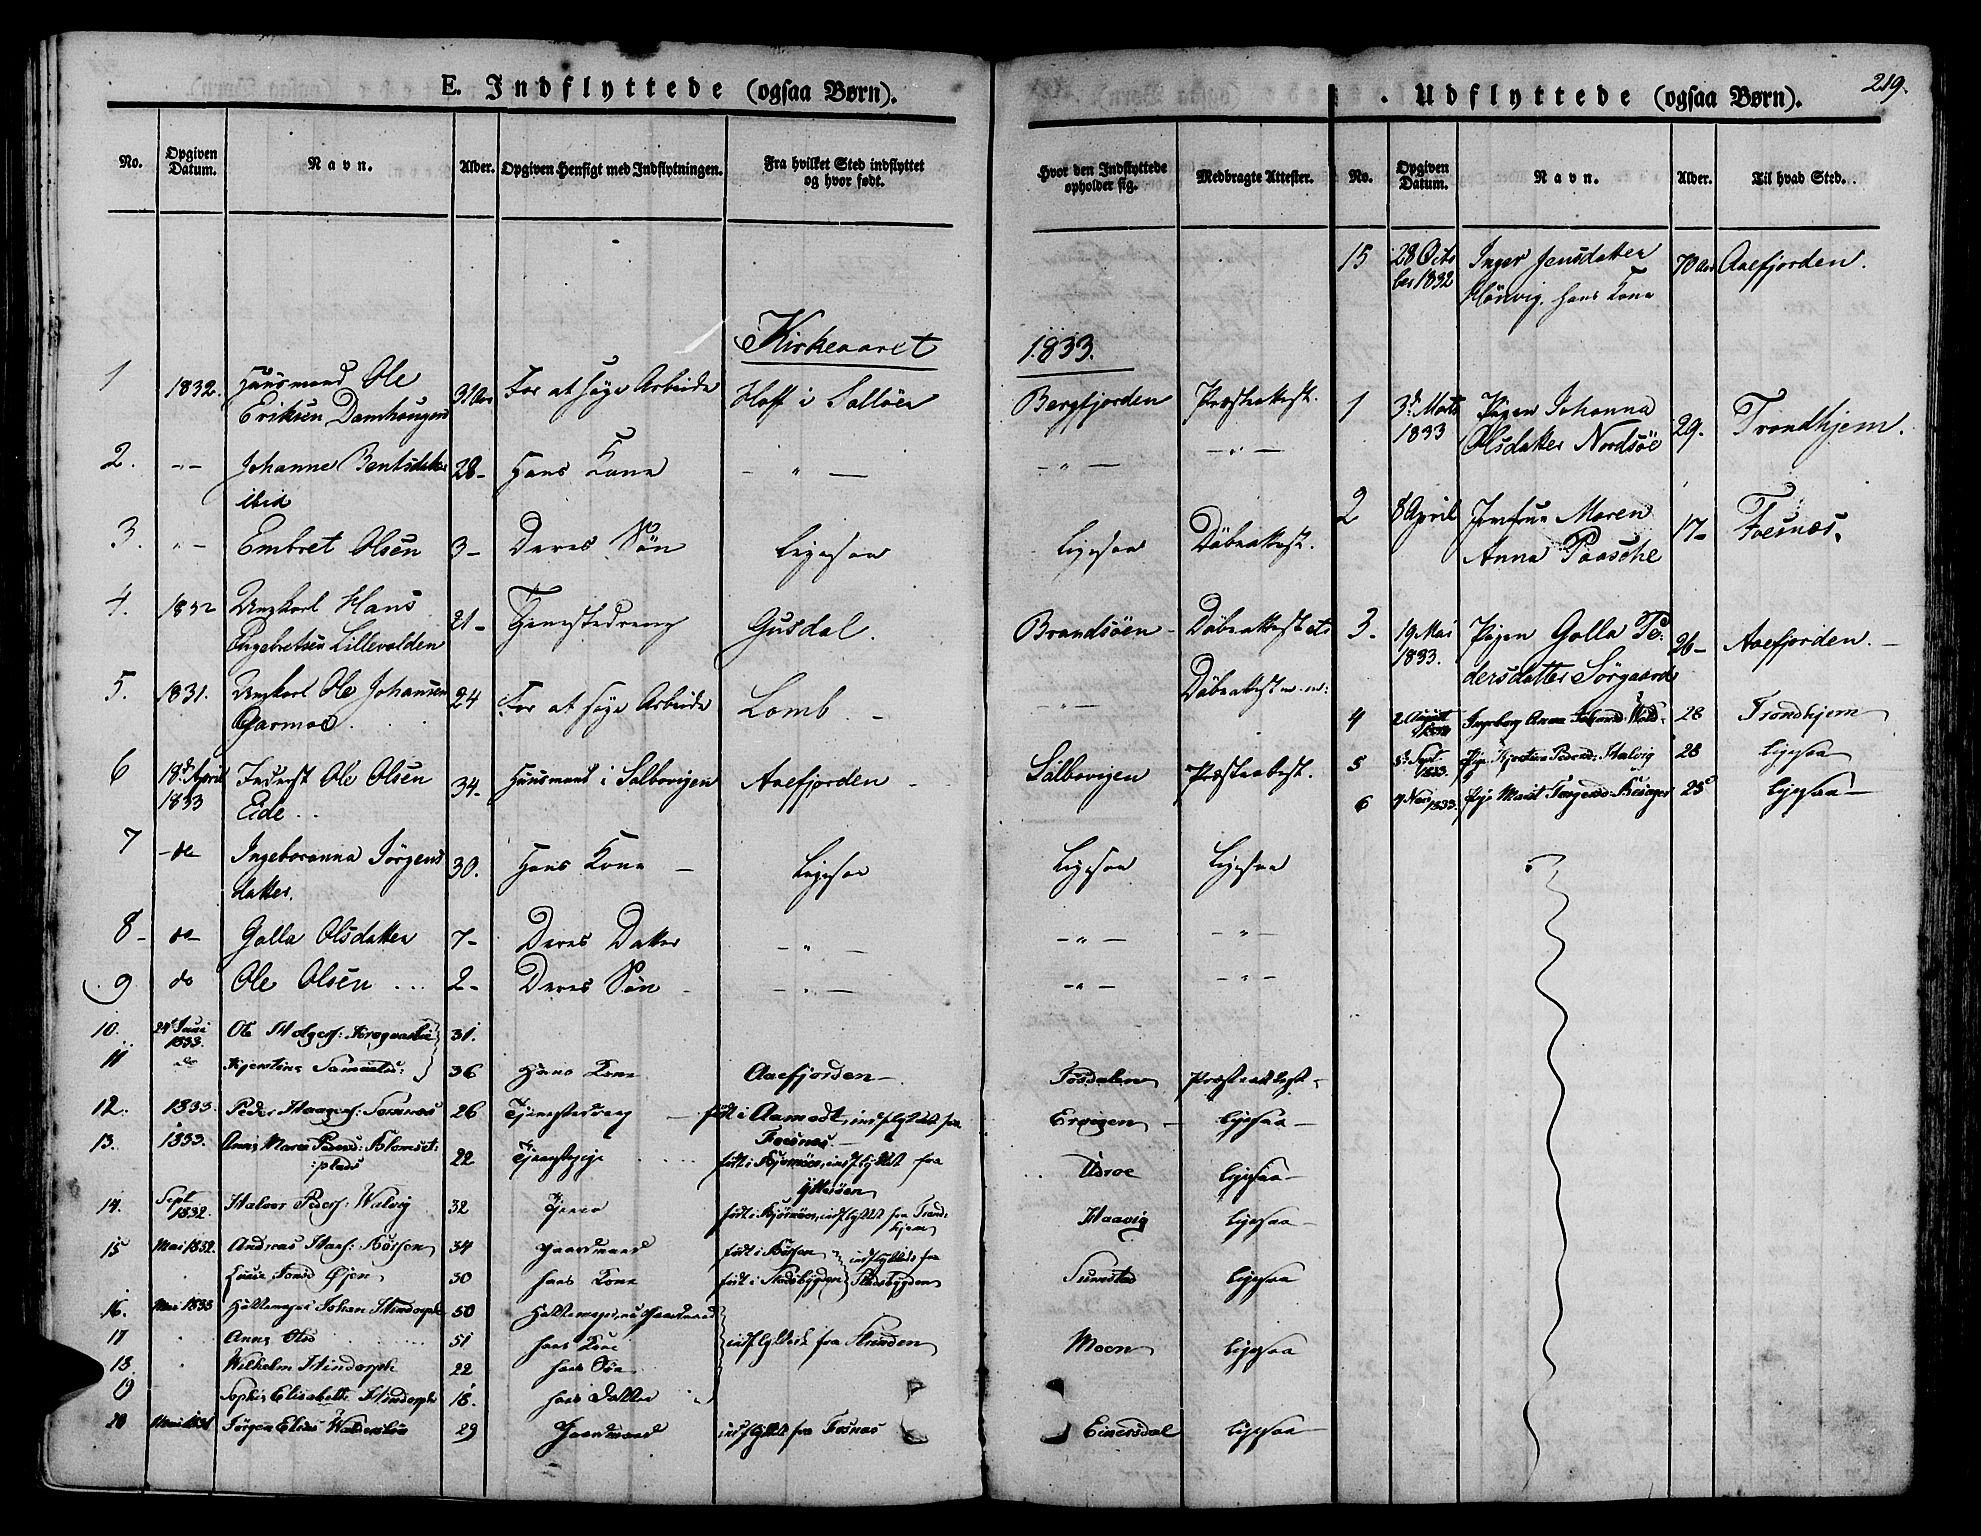 SAT, Ministerialprotokoller, klokkerbøker og fødselsregistre - Sør-Trøndelag, 657/L0703: Ministerialbok nr. 657A04, 1831-1846, s. 219